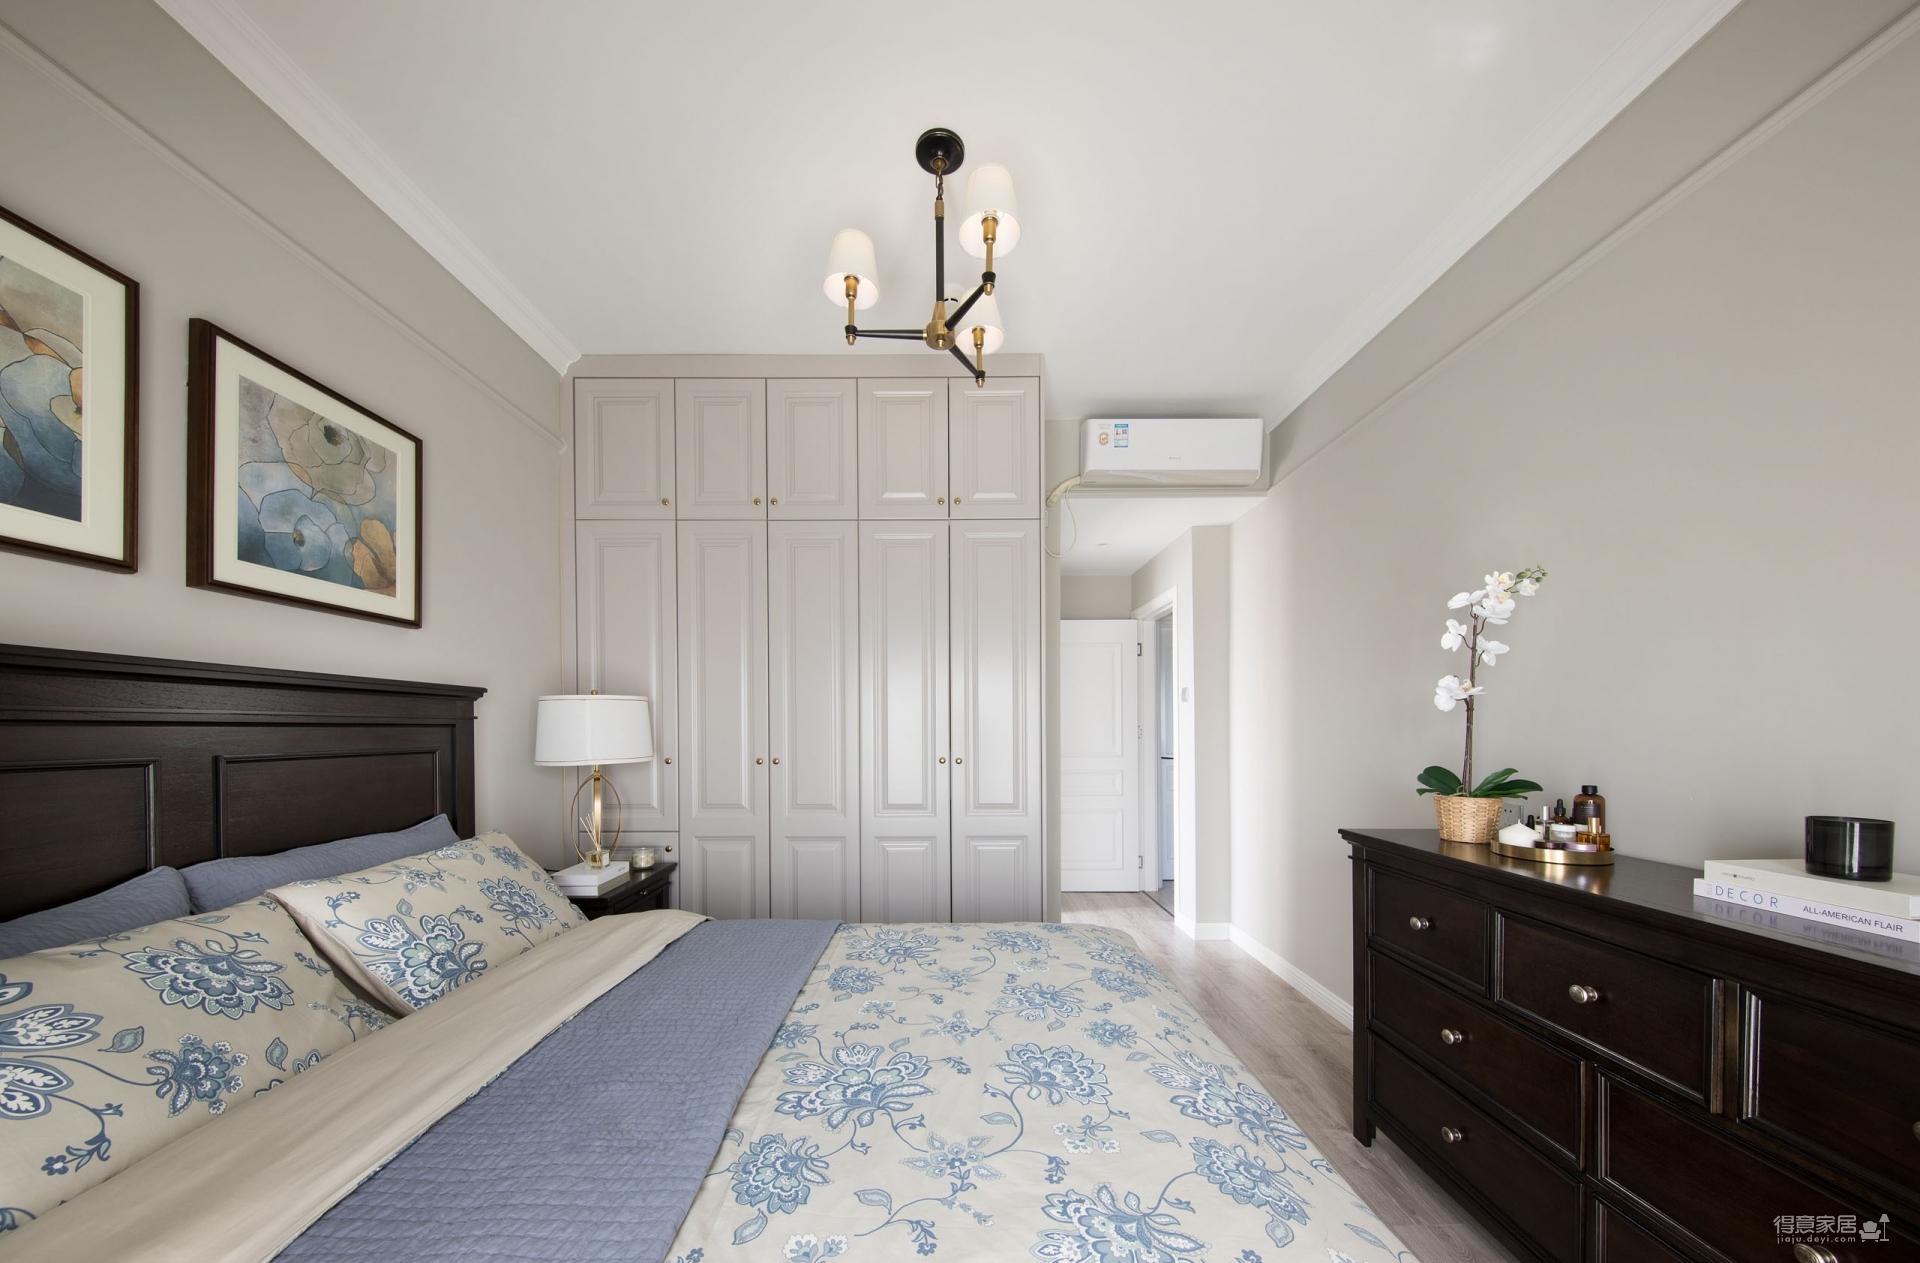 145平三室两厅现代美式图_11